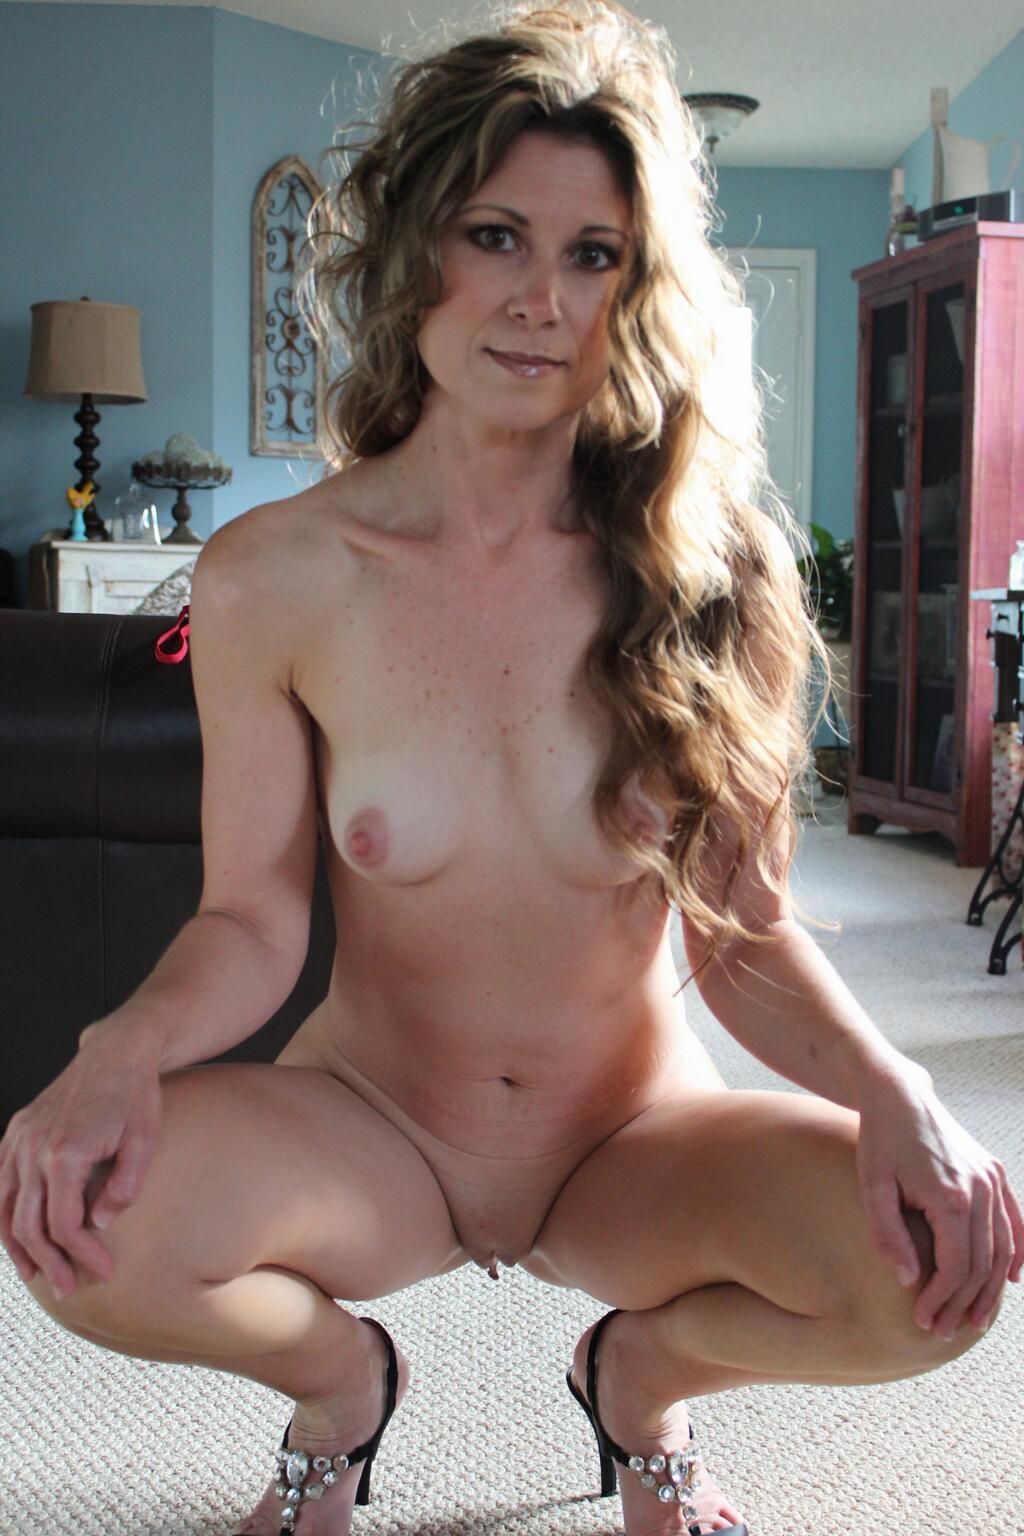 Бритые письки девушек в домашней обстановке секс фото и порно фото